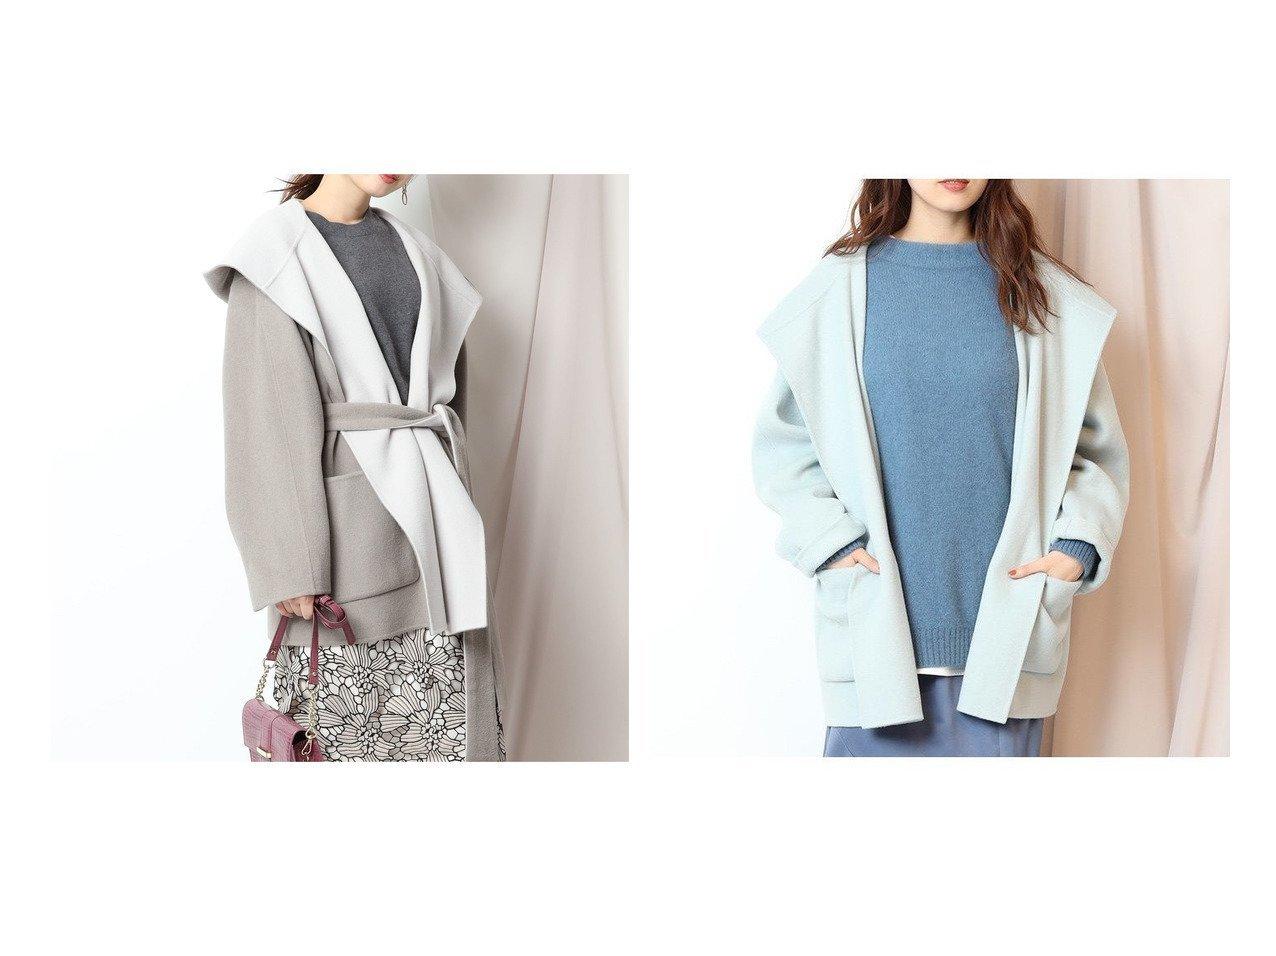 【Mystrada/マイストラーダ】のビックフードショートコート アウターのおすすめ!人気、レディースファッションの通販 おすすめで人気のファッション通販商品 インテリア・家具・キッズファッション・メンズファッション・レディースファッション・服の通販 founy(ファニー) https://founy.com/ ファッション Fashion レディース WOMEN アウター Coat Outerwear コート Coats フェミニン マニッシュ リバーシブル リボン  ID:crp329100000001651